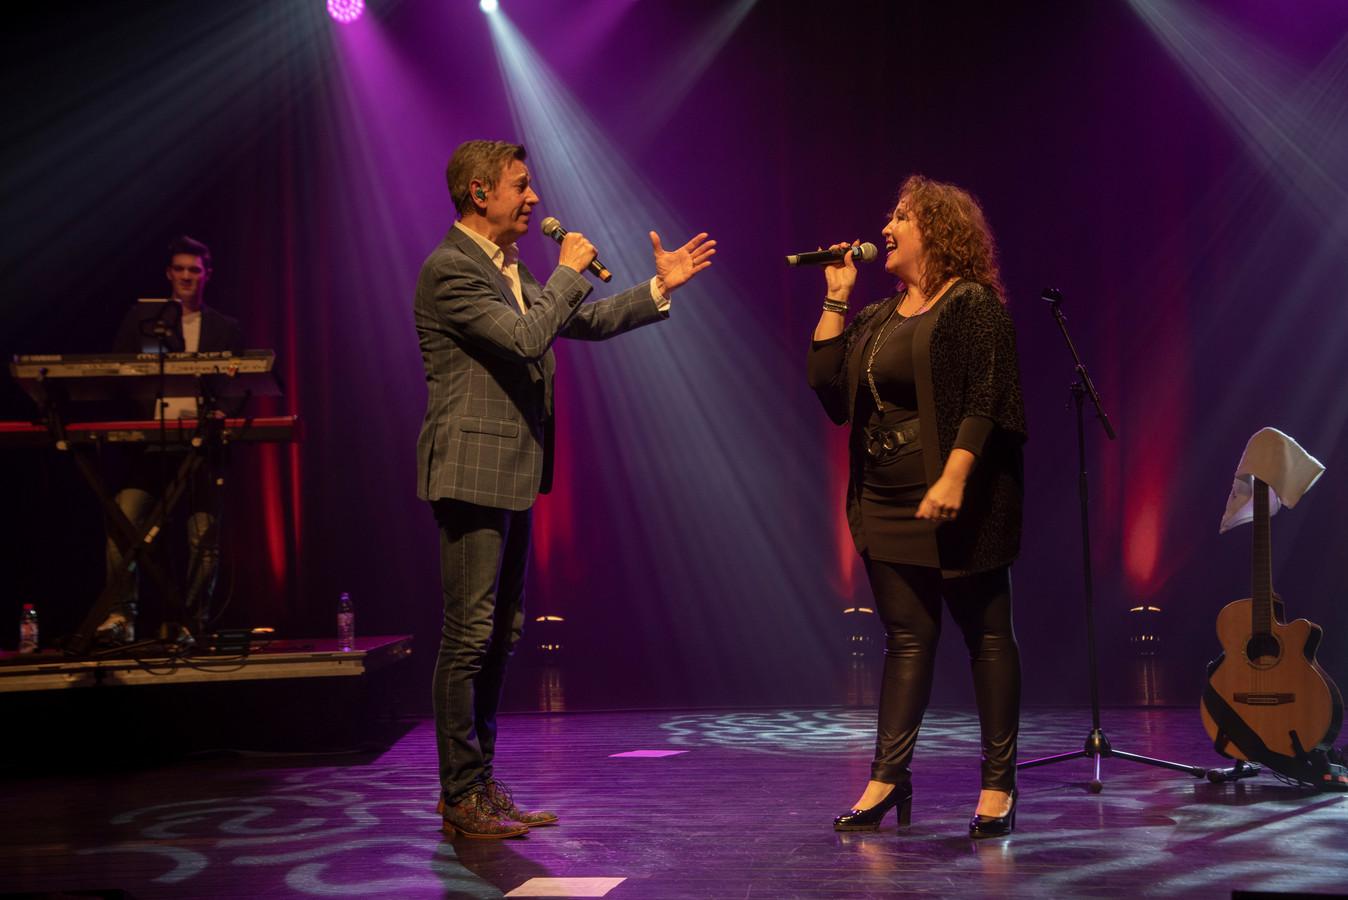 In januari 2019 trad Willy ook al op met Corina in CC Nova.